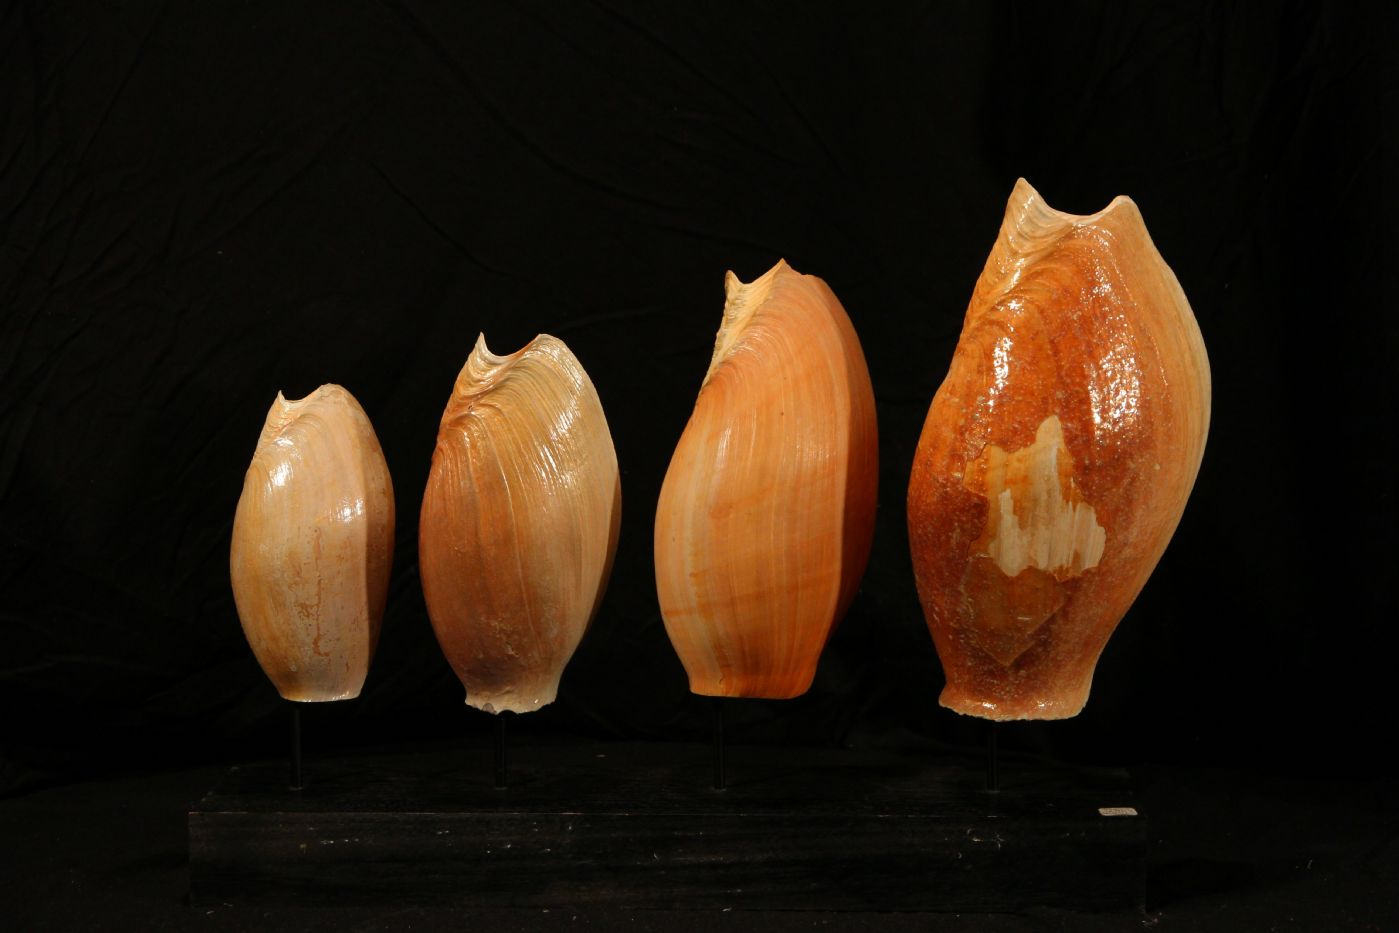 thumb6|Quattro conchiglie su base di legno, Golfo di Guinea